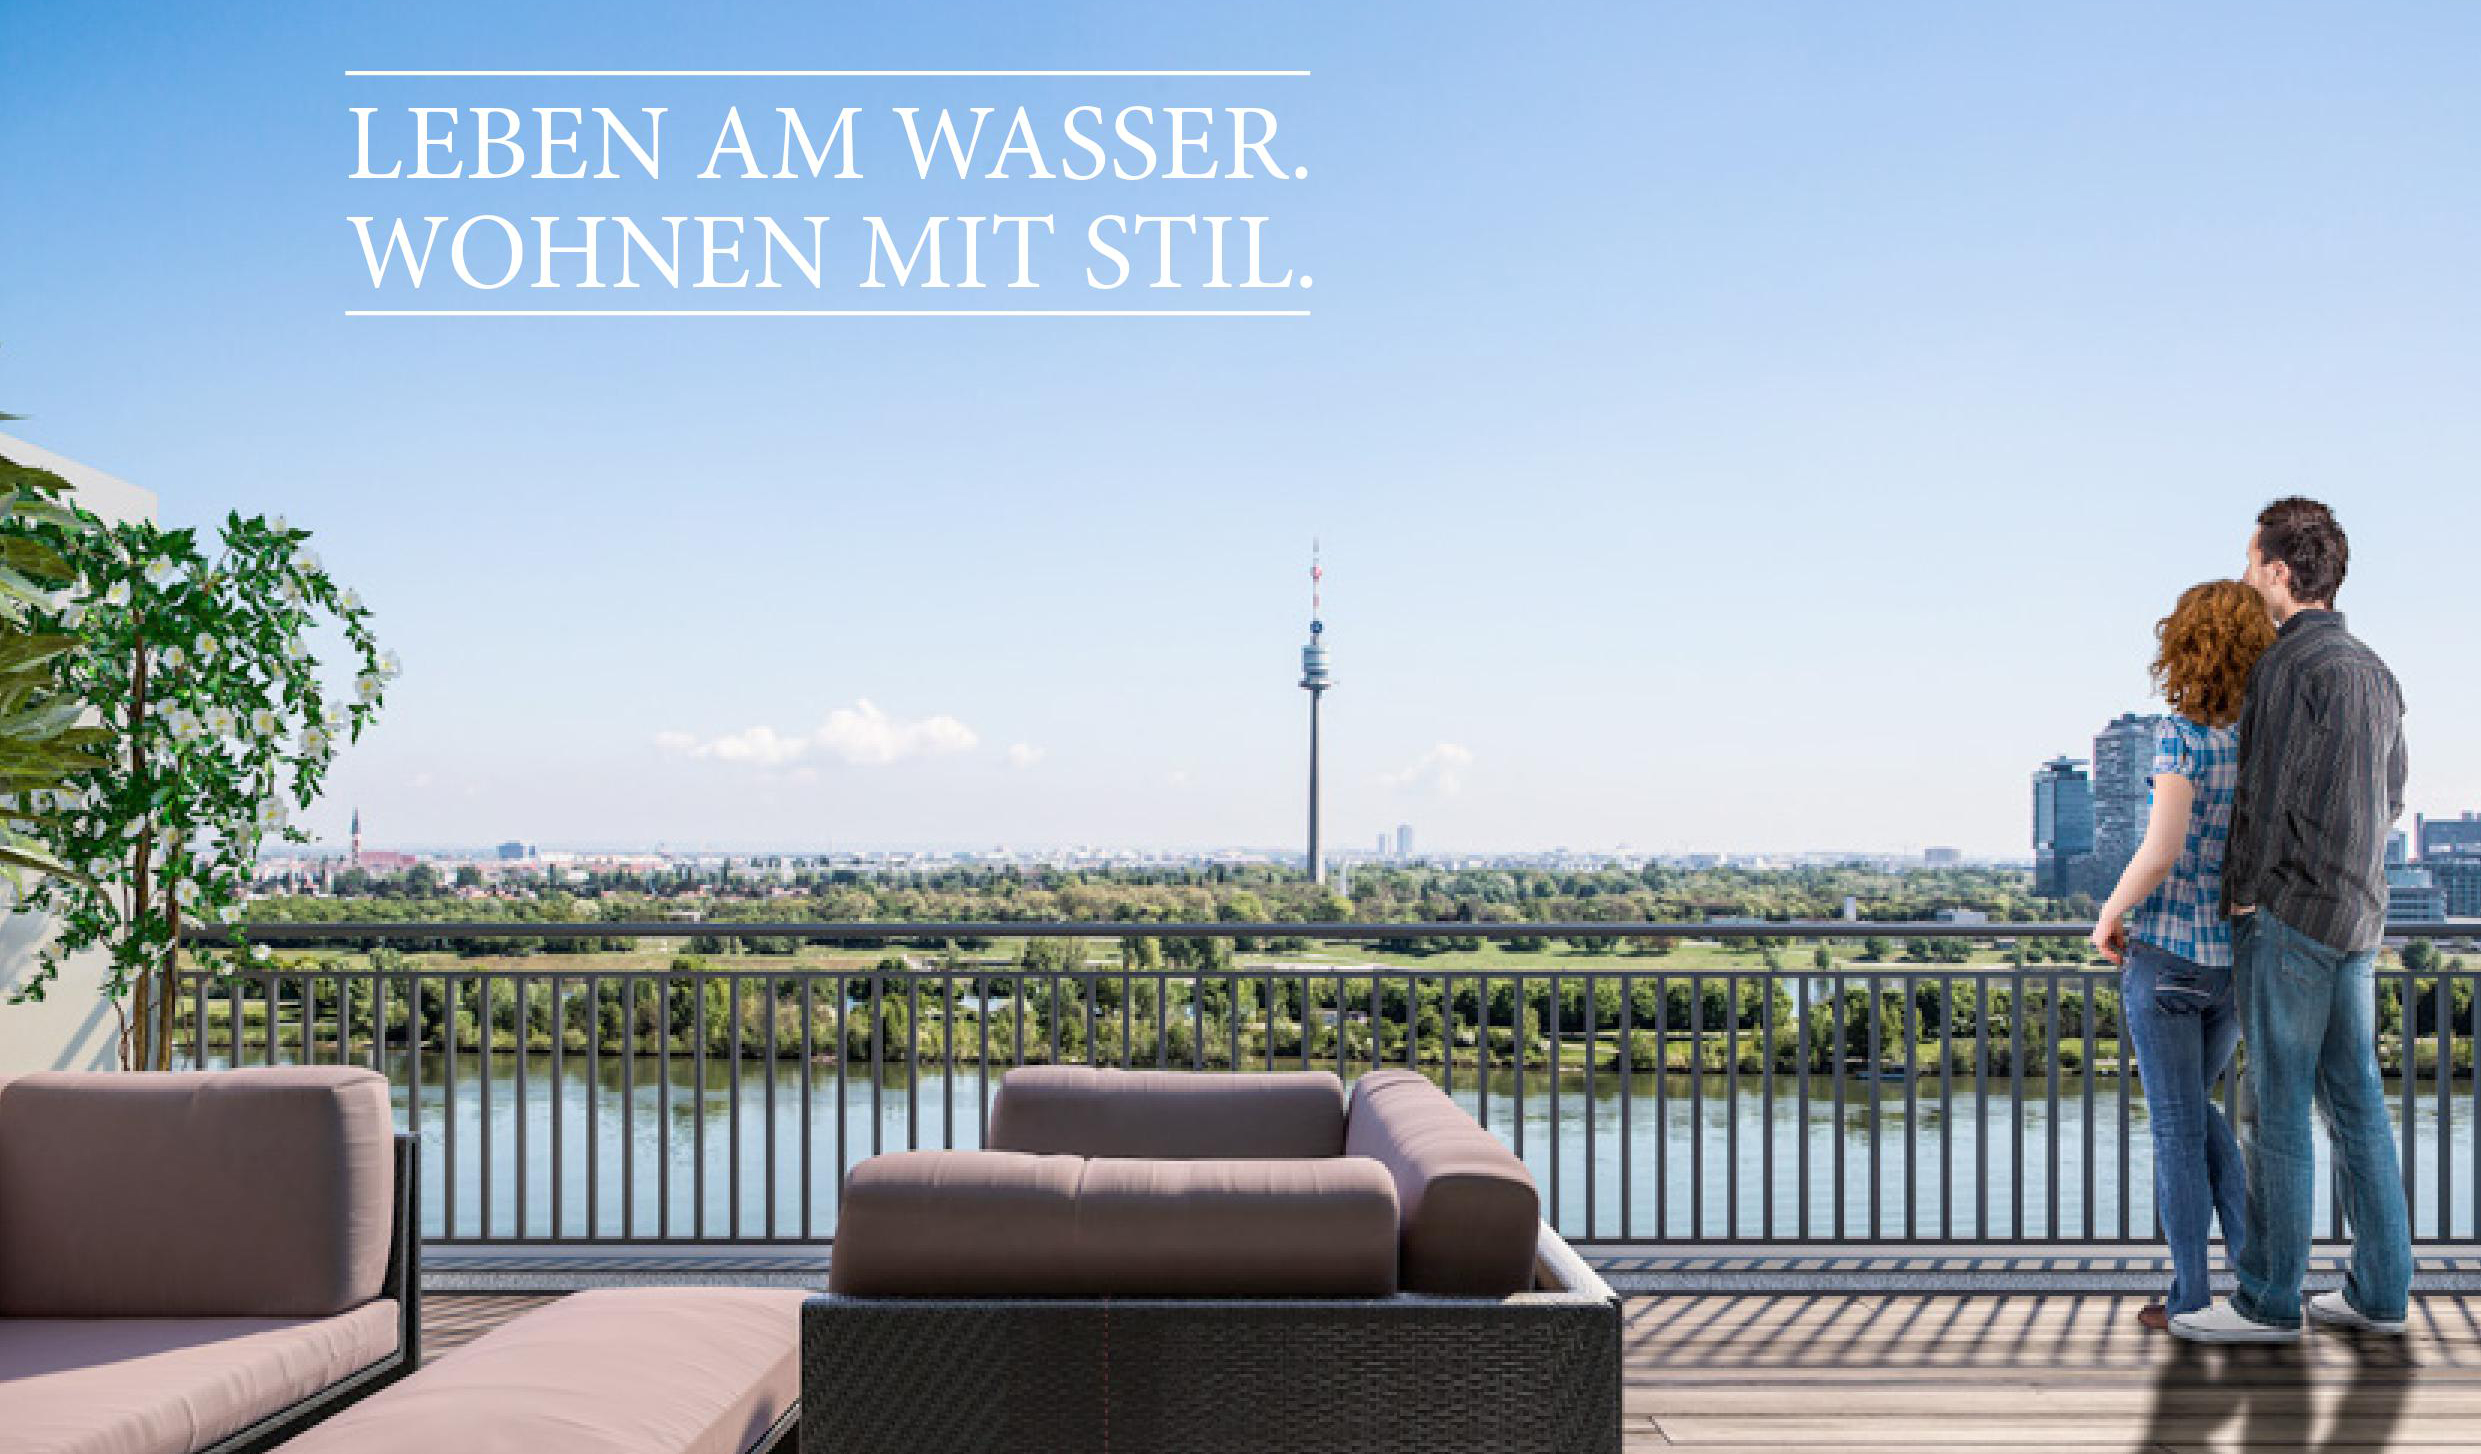 Home2 - Leben am Wasser. Wohnen mit Stil.